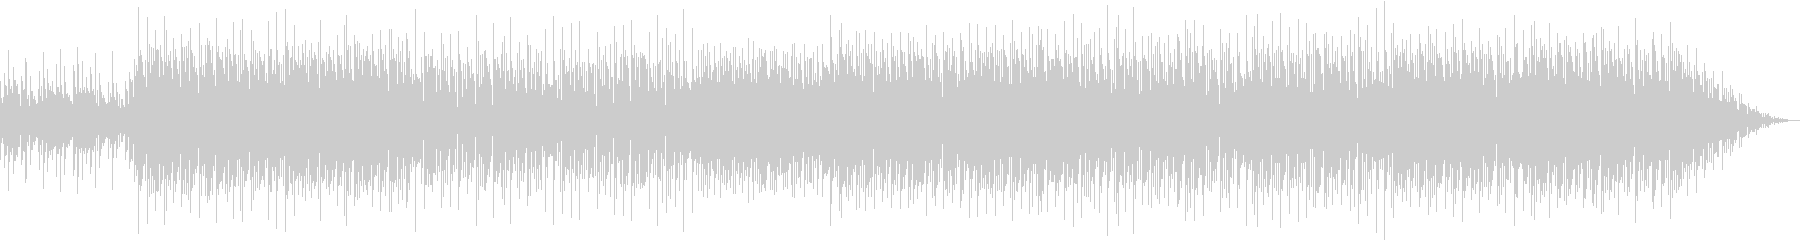 トロピカルなイメージの未再生の波形